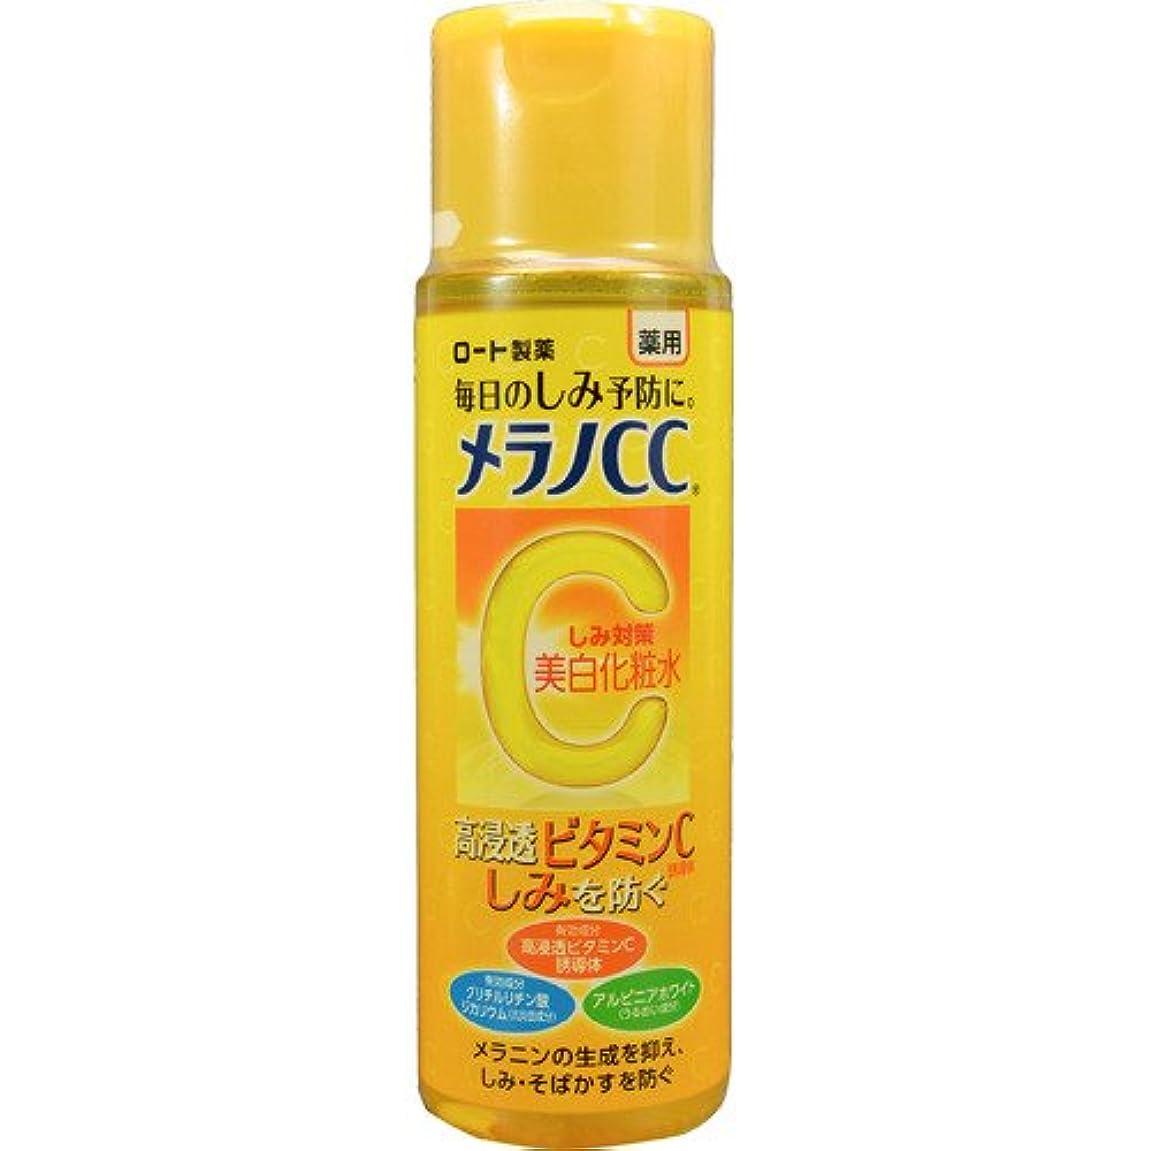 つぶやきビザ乱闘メラノCC 薬用しみ対策美白化粧水 × 3個セット